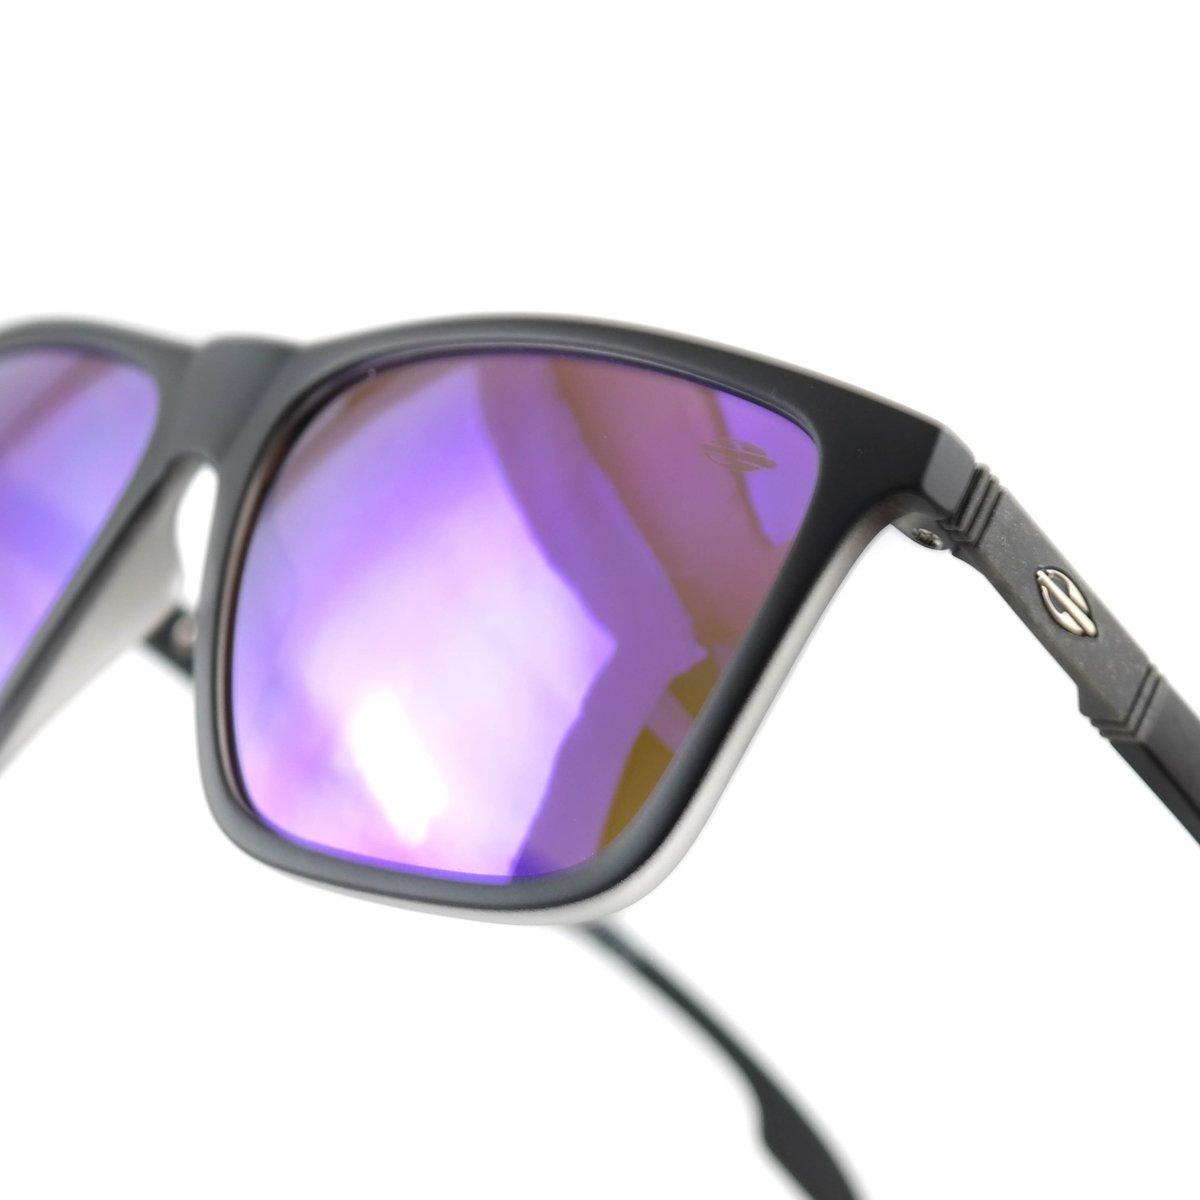 a331ee247fa63 Óculos de Sol Mormaii Hawaii Polarizado - Compre Agora   Netshoes